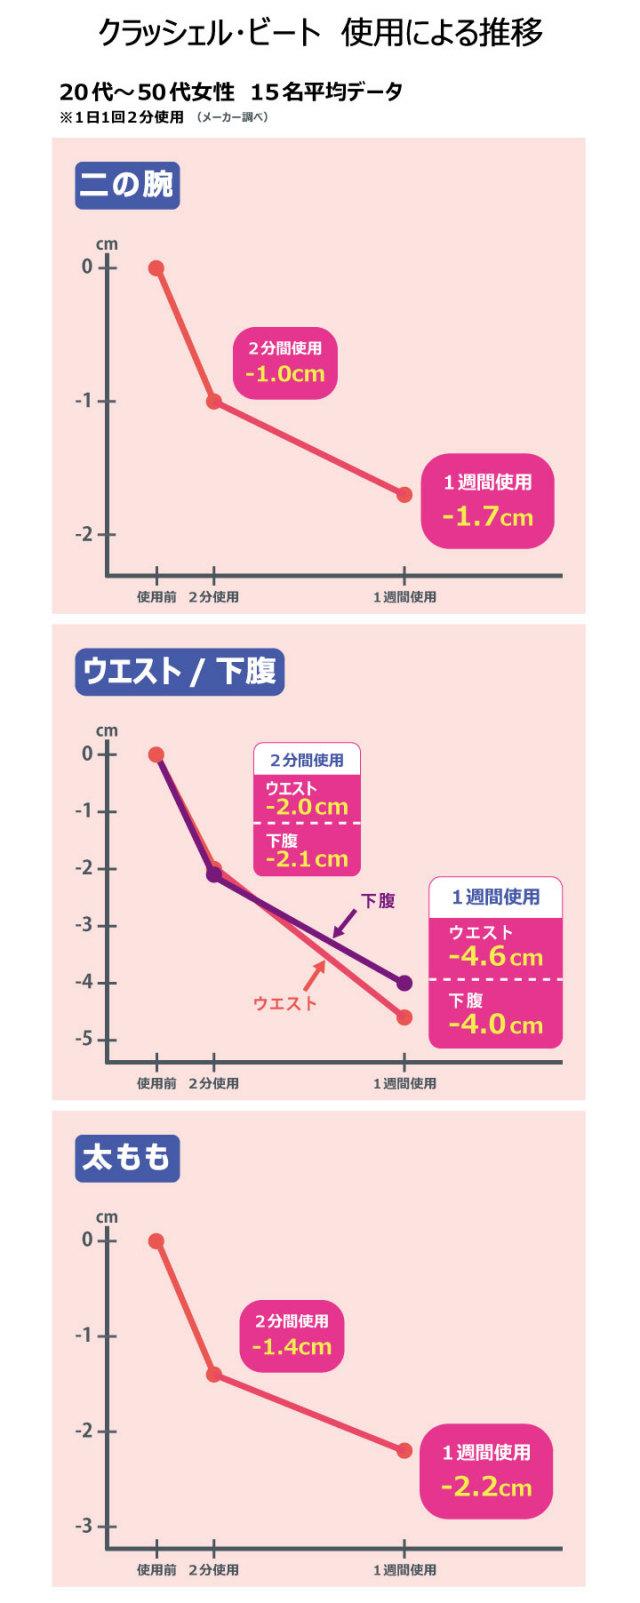 クラッシェル・ビート 使用前後グラフ